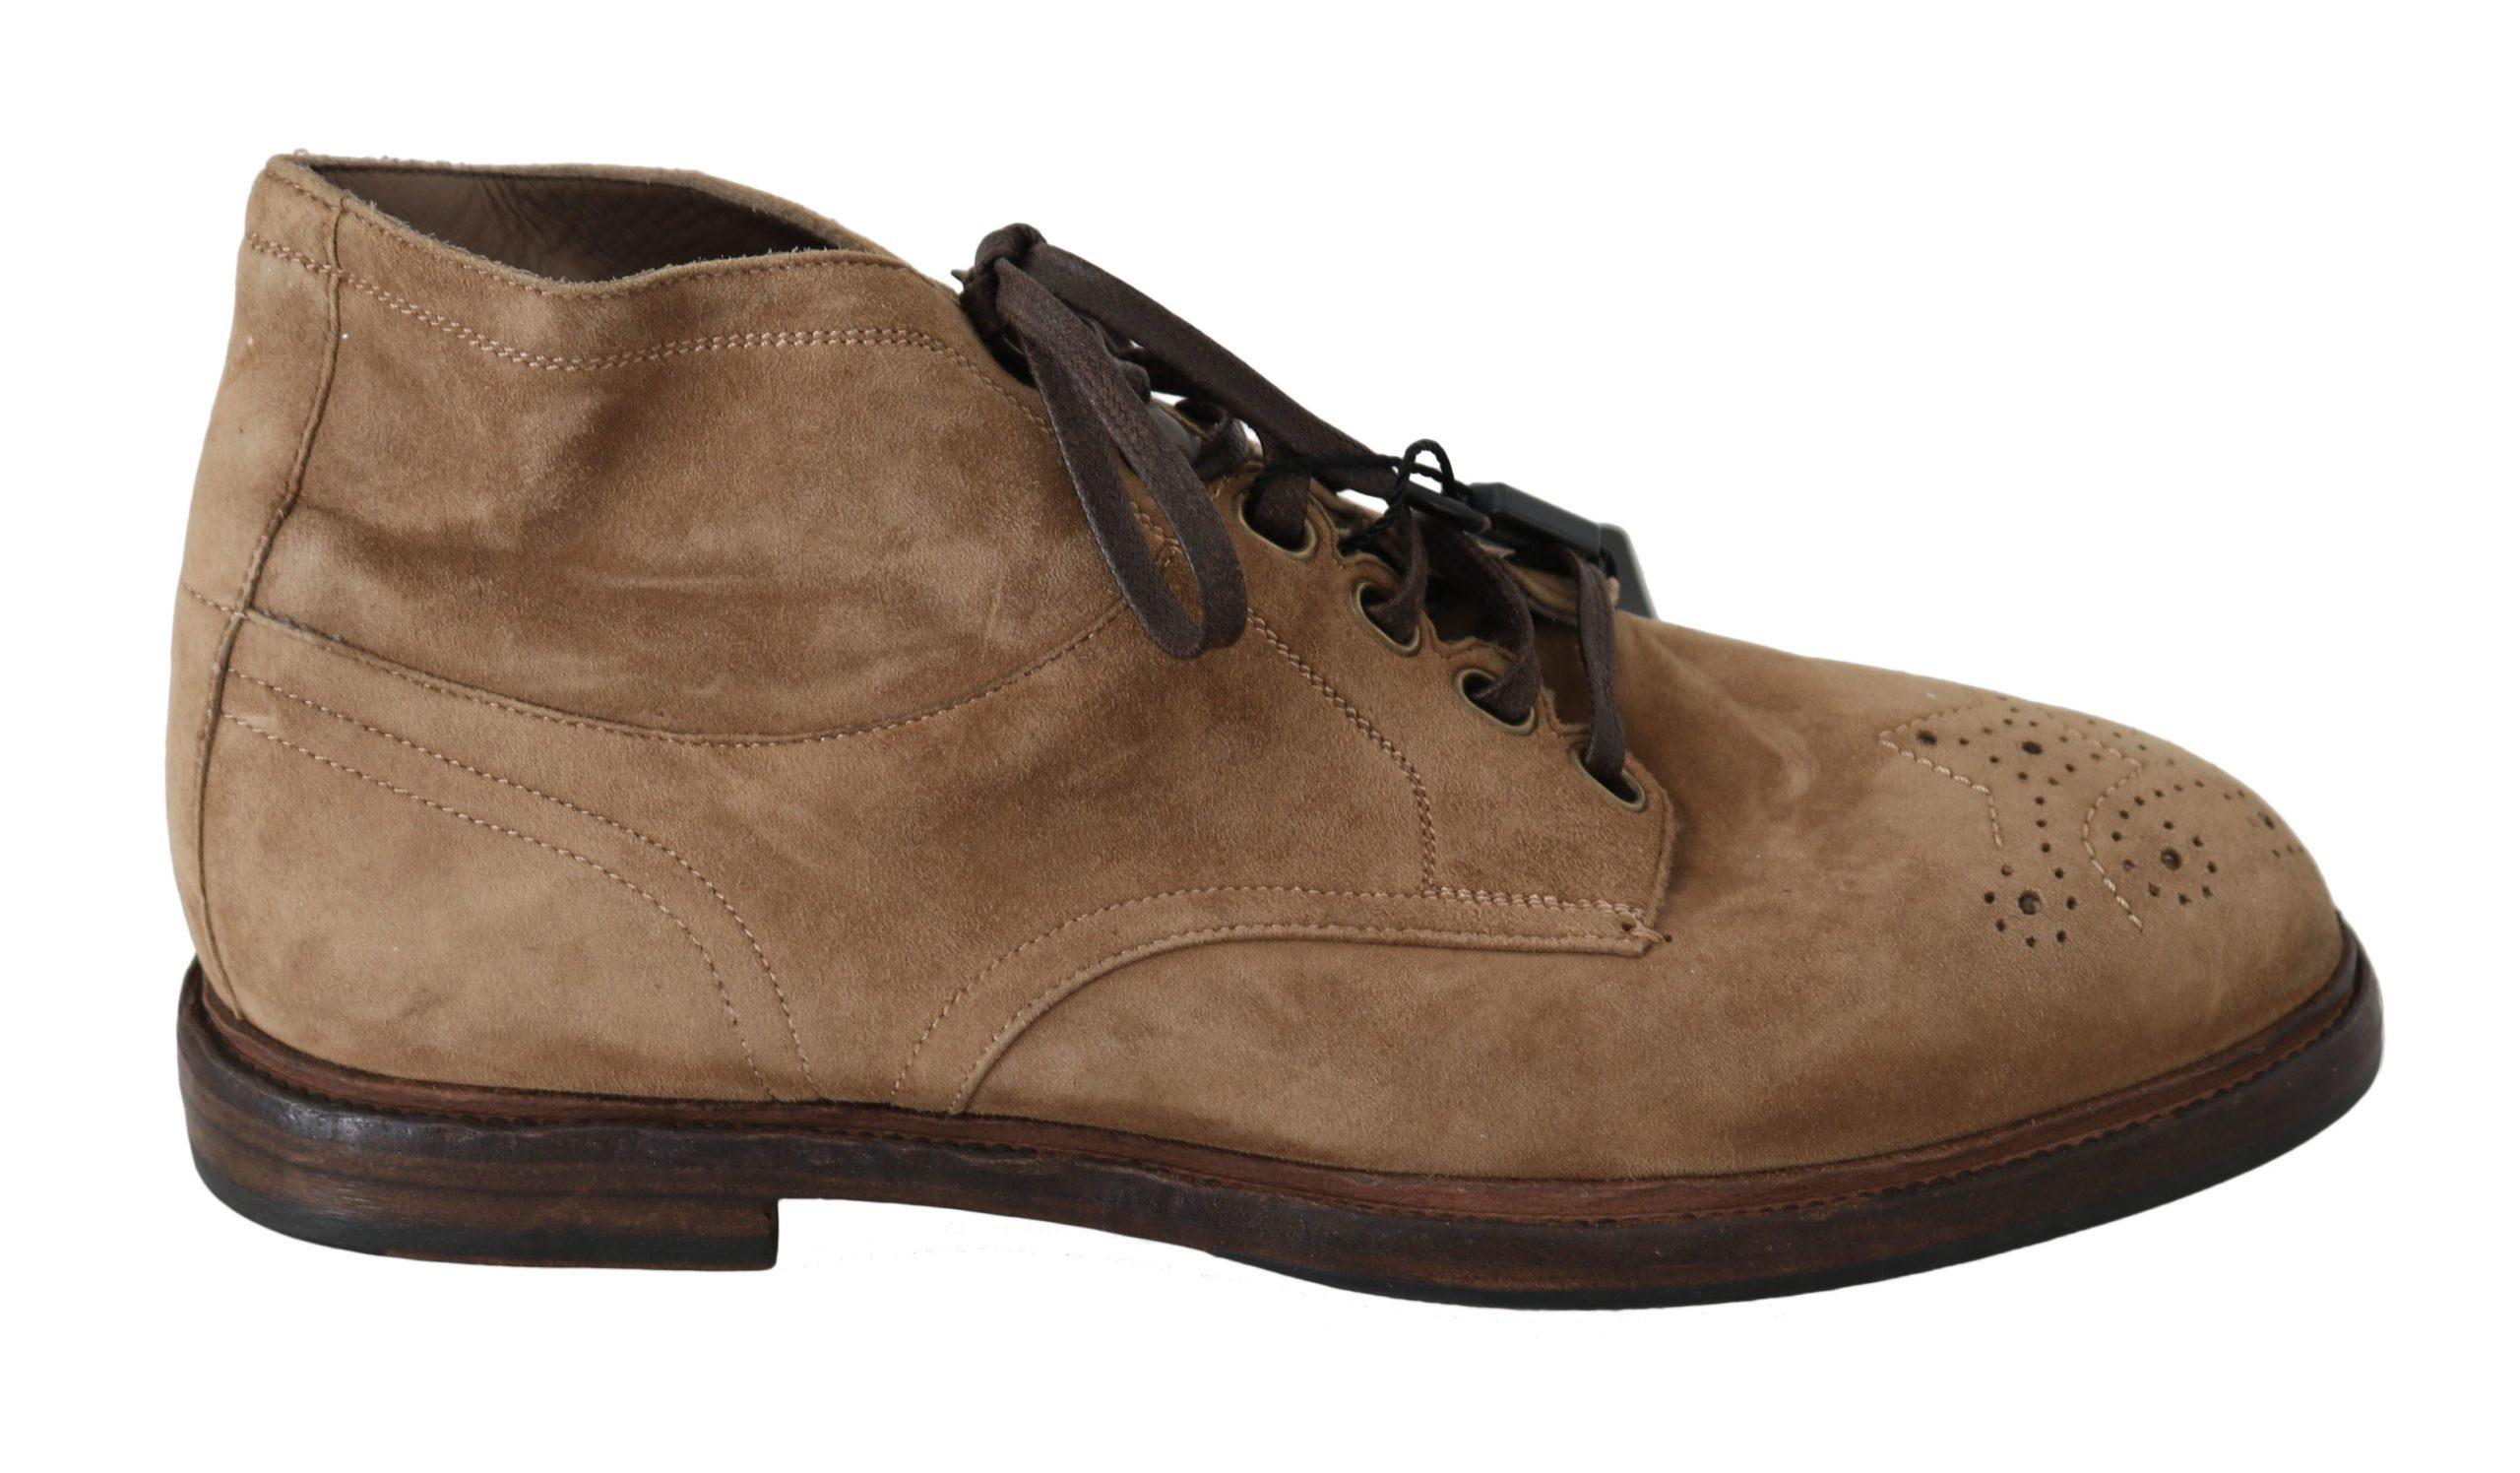 Dolce & Gabbana Men's Brogue Derby Boots Beige MV2589-40 - EU40/US7